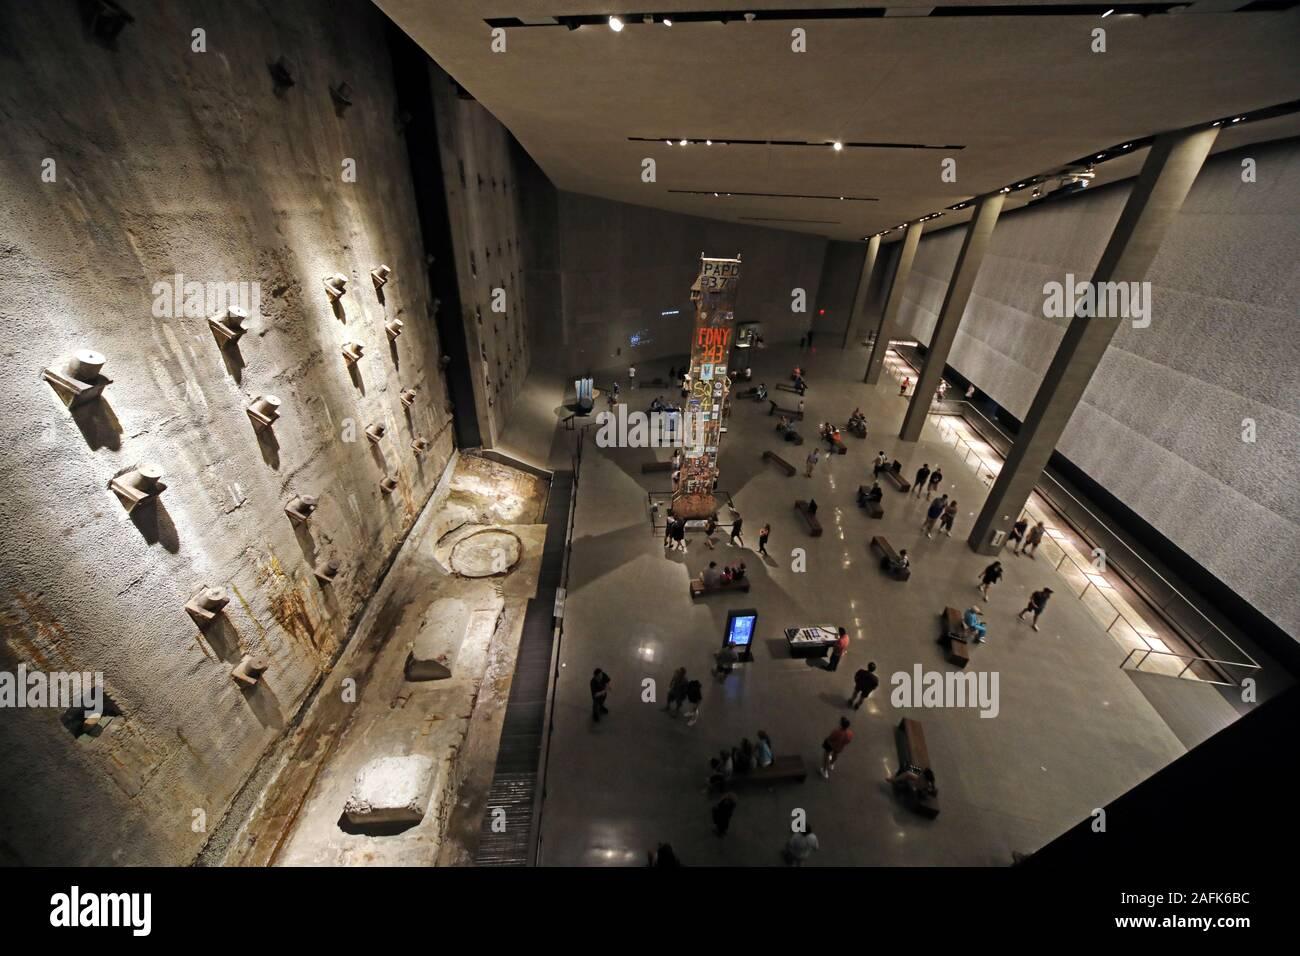 HotpixUK,@HotpixUk,GoTonySmith,NYC,NY,New York,Manhattan,USA,city,city centre,US,09/11,terrorist attack,Memorial,September11,Ground Zero,original,concrete,original concrete